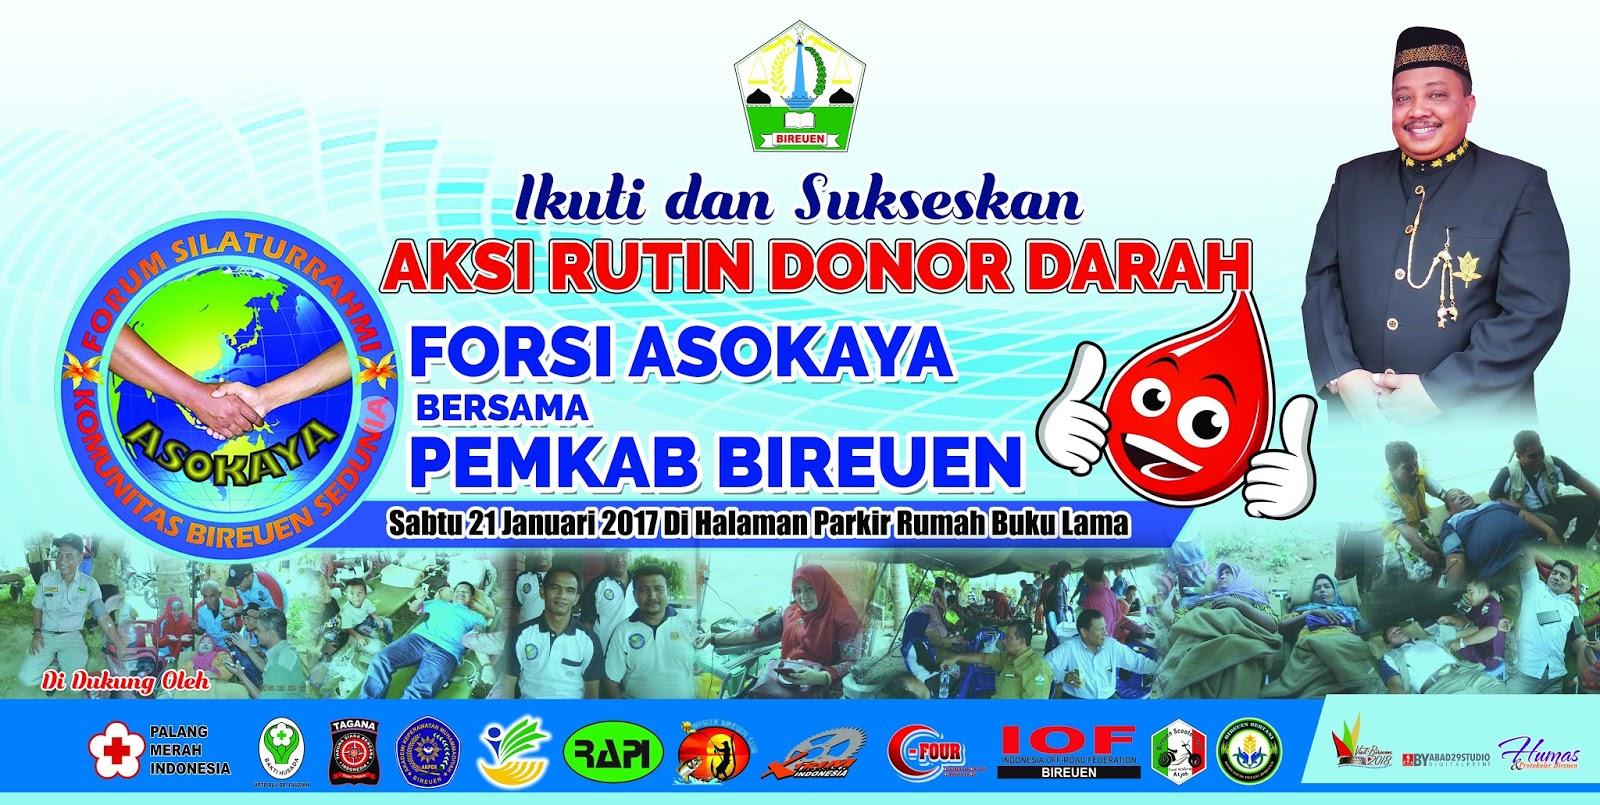 Contoh Spanduk Dan Baliho Donor Darah Abad29studio